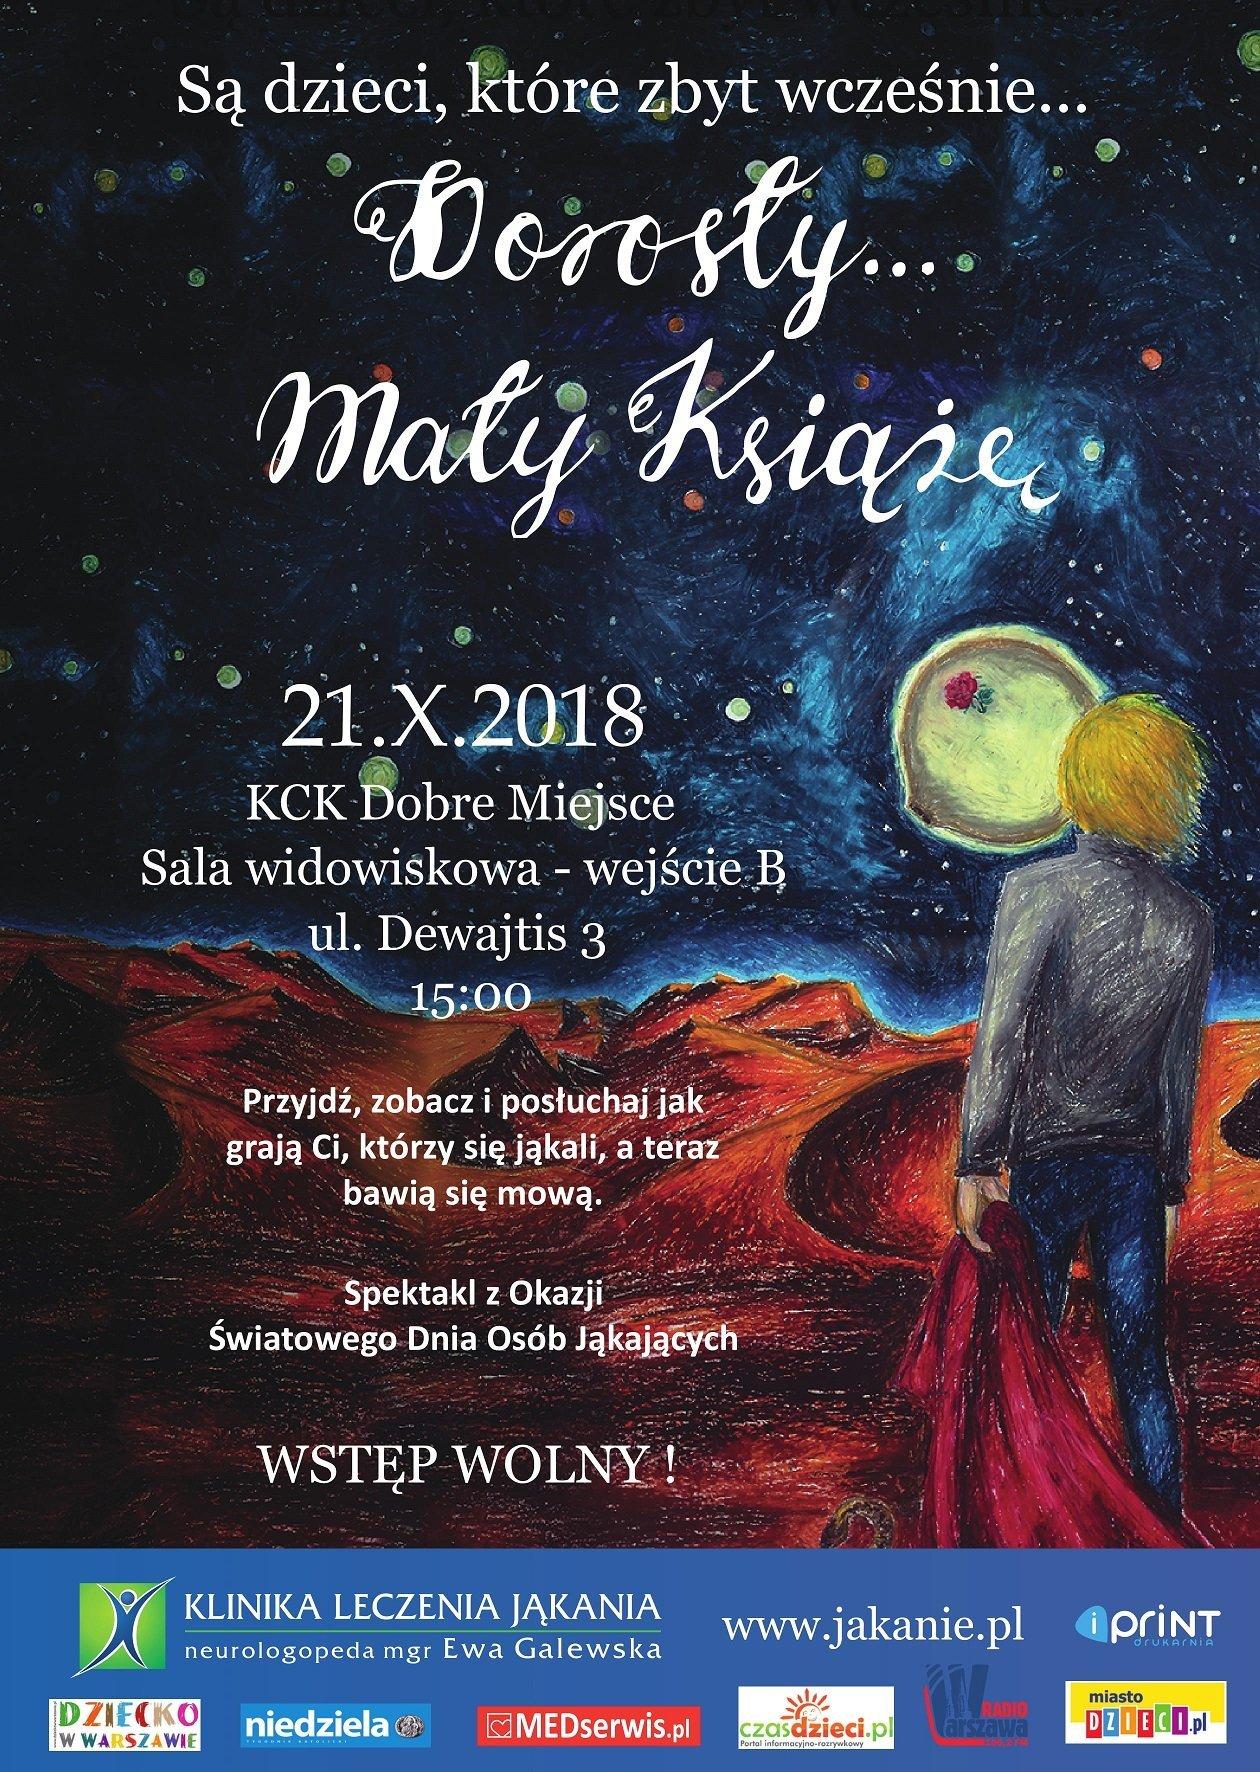 Dorosły… Mały Książę - spektakl na Światowy Dzień Osób Jąkających